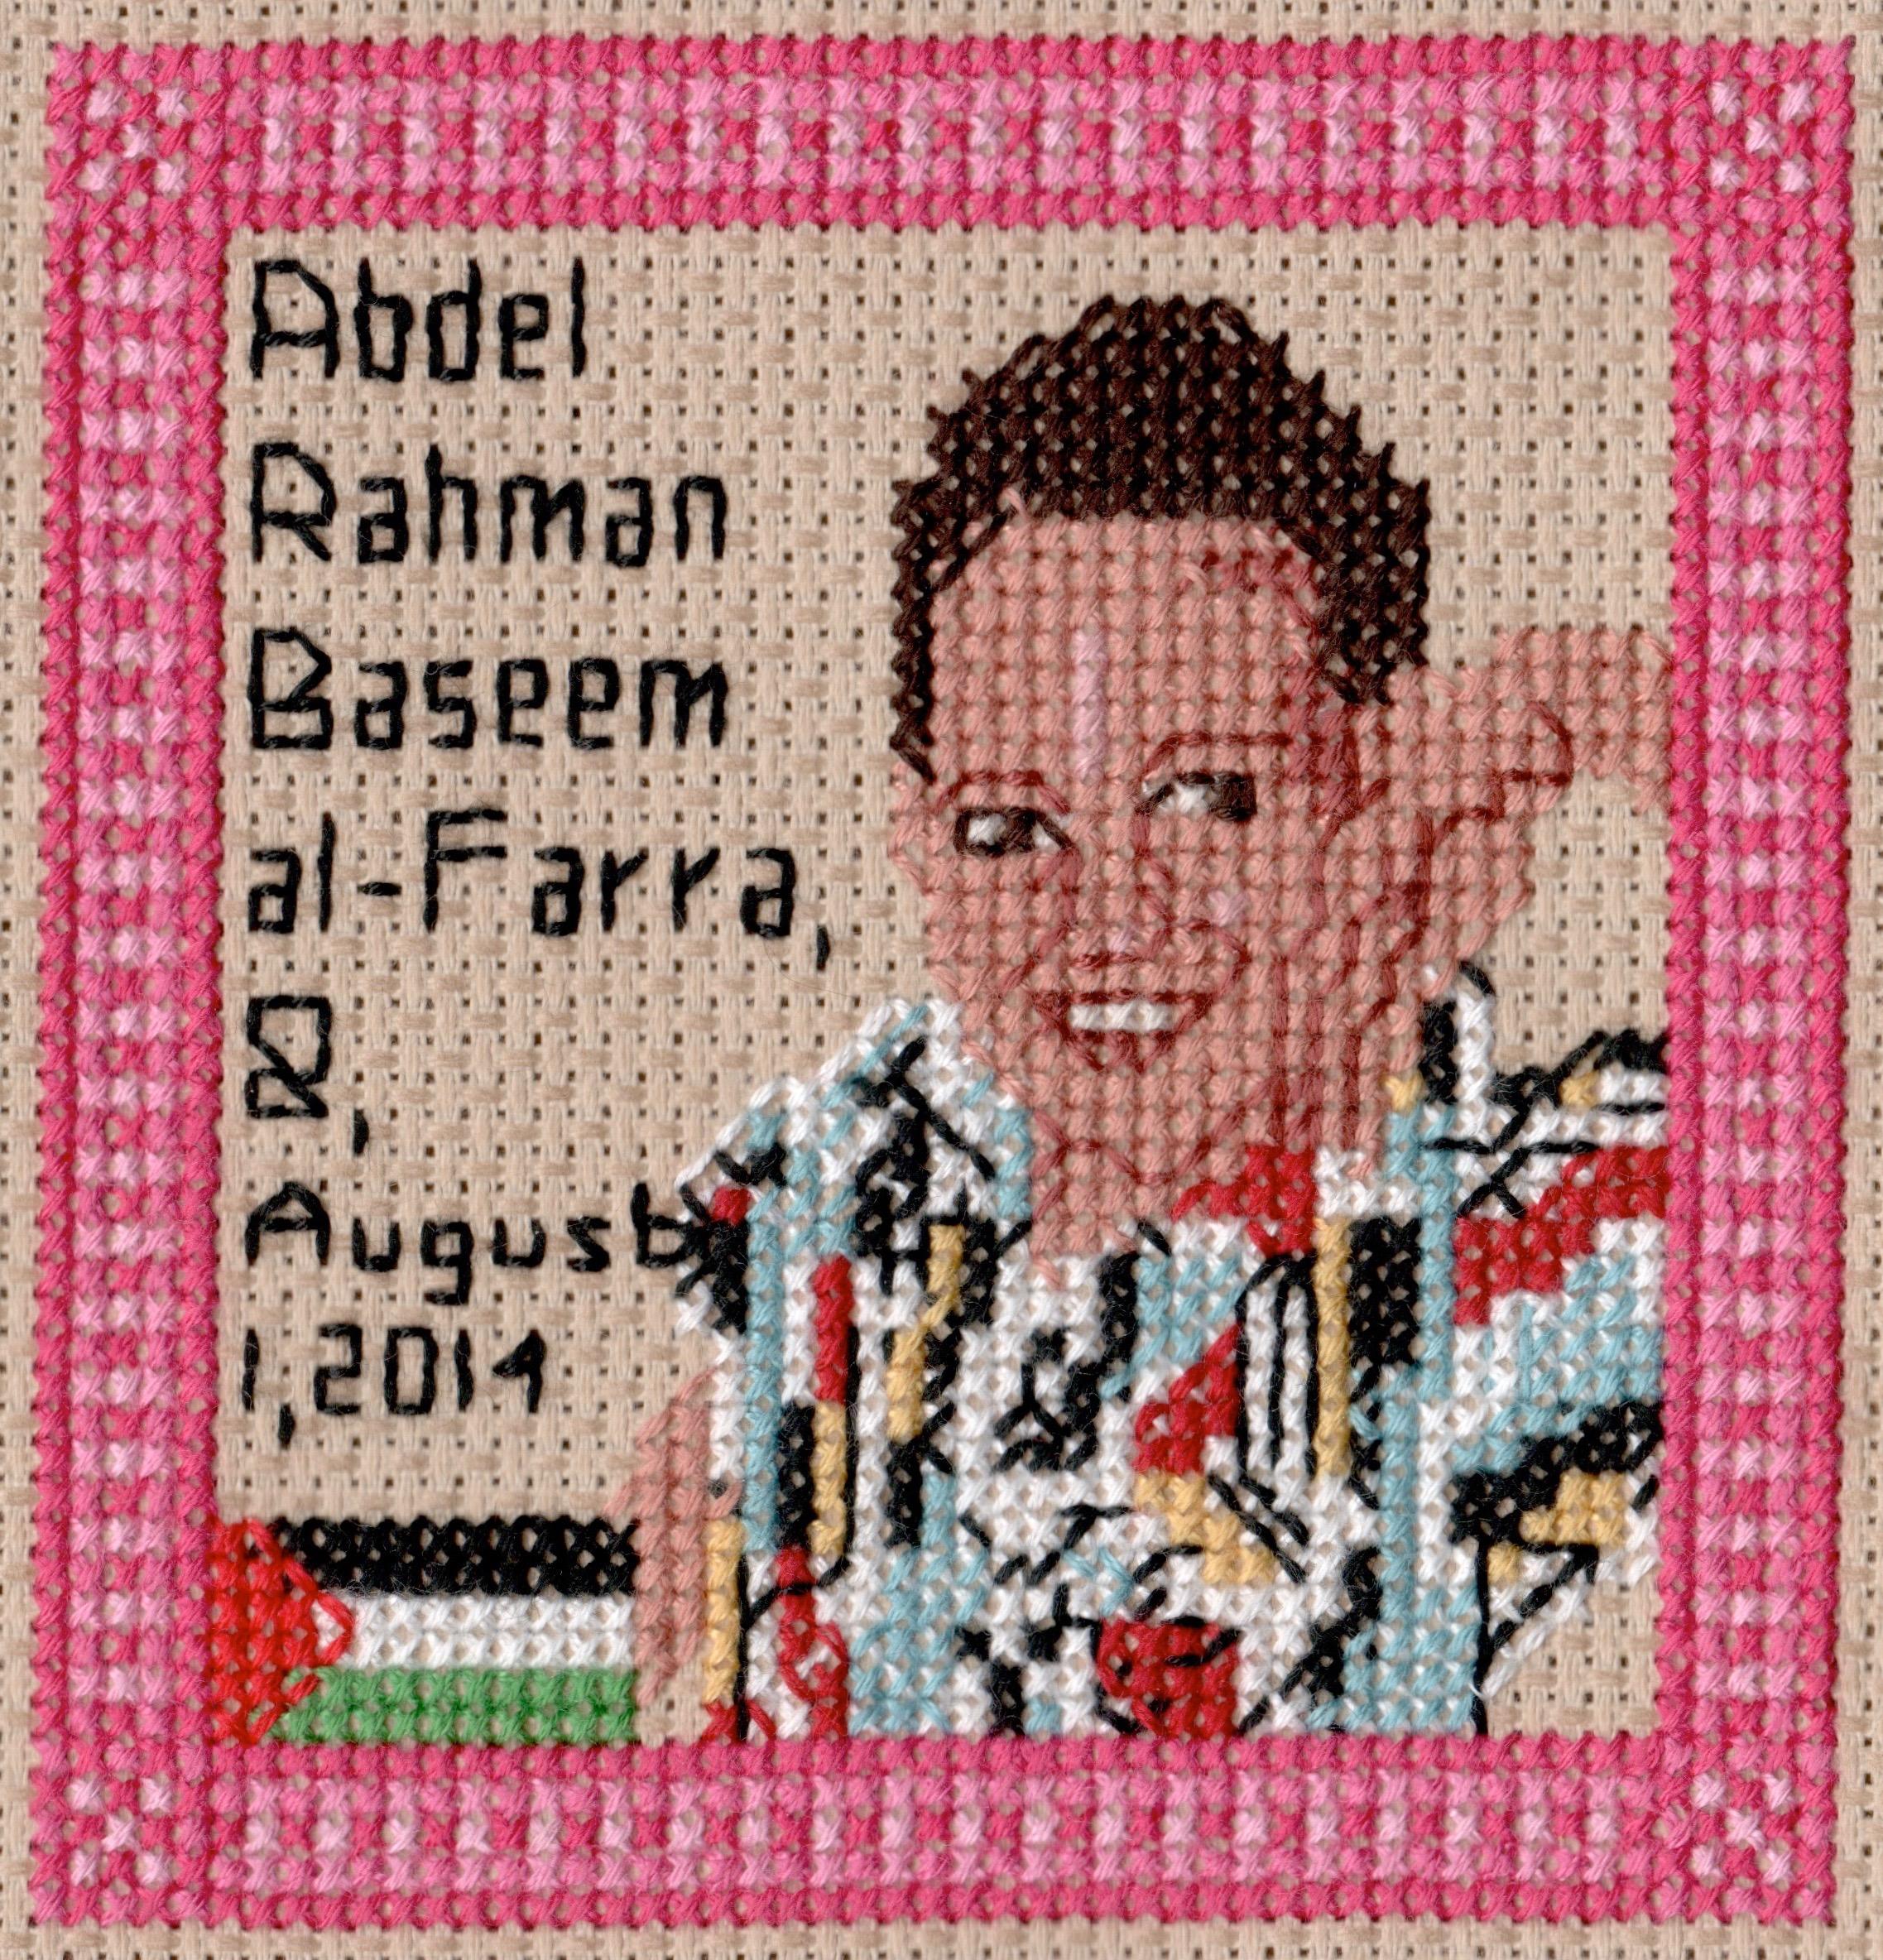 30 Abdel Rahman